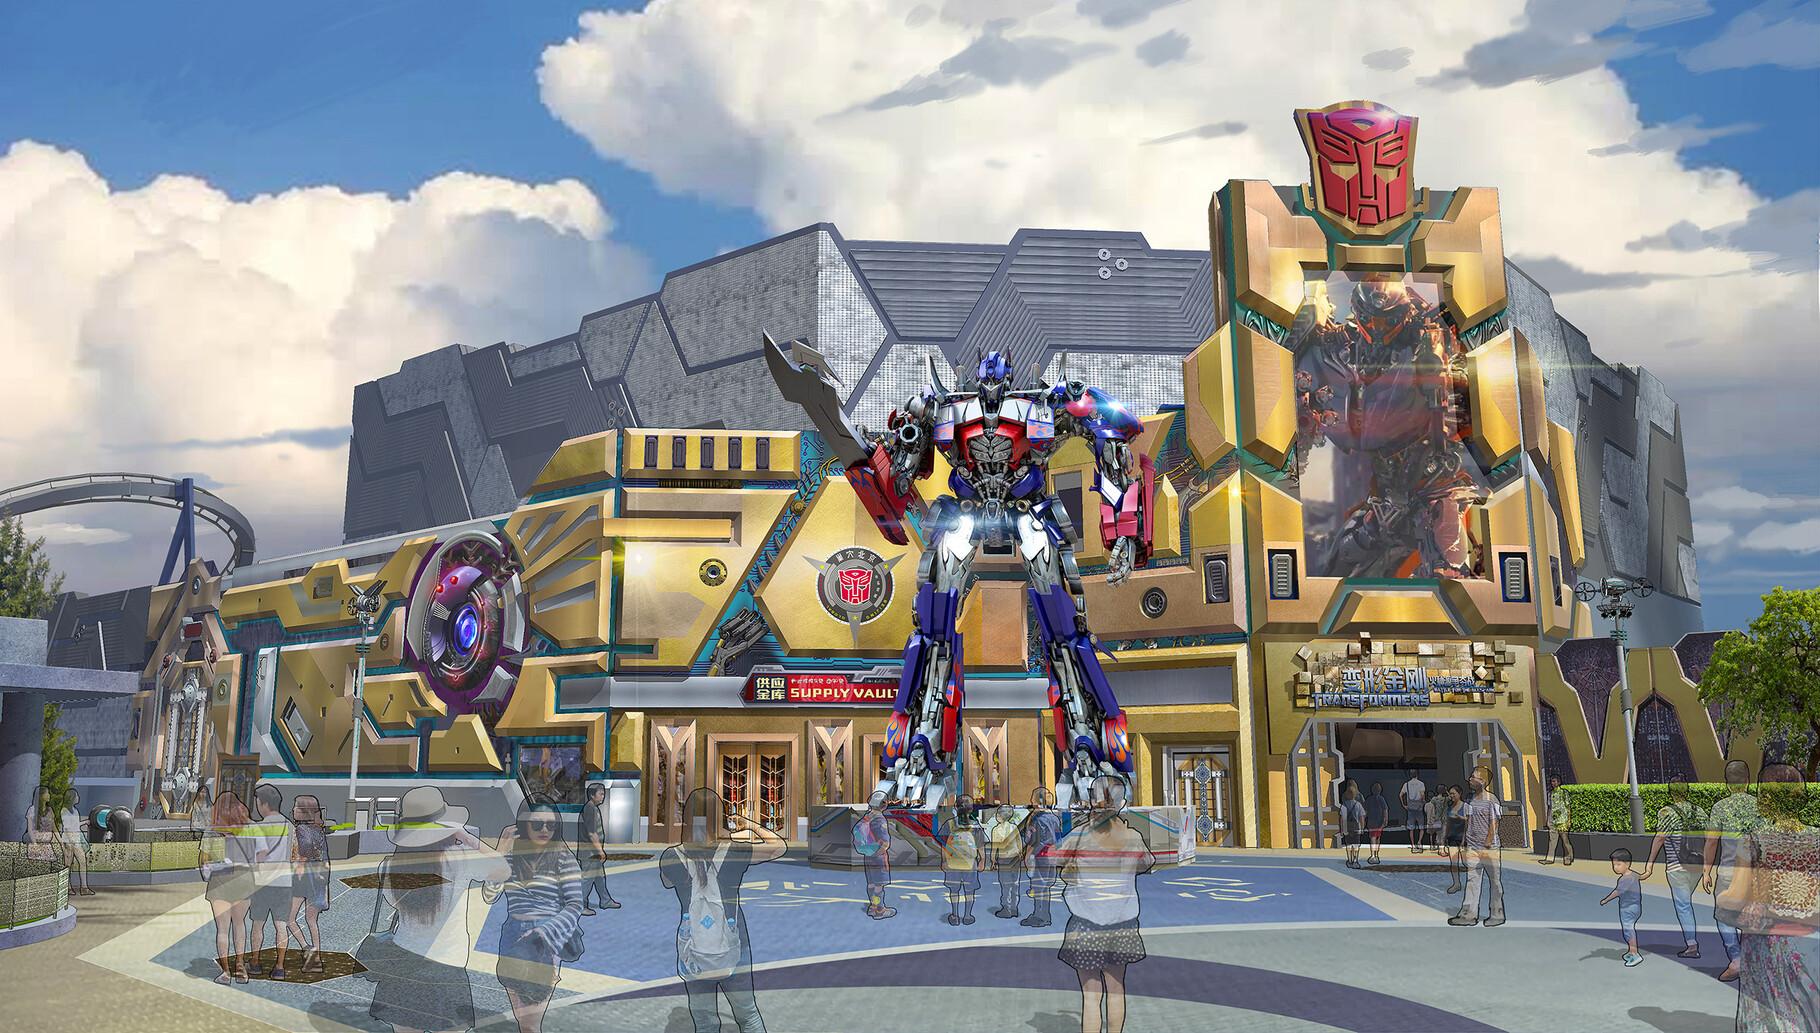 universal-studios-beijing-21005900.jpeg